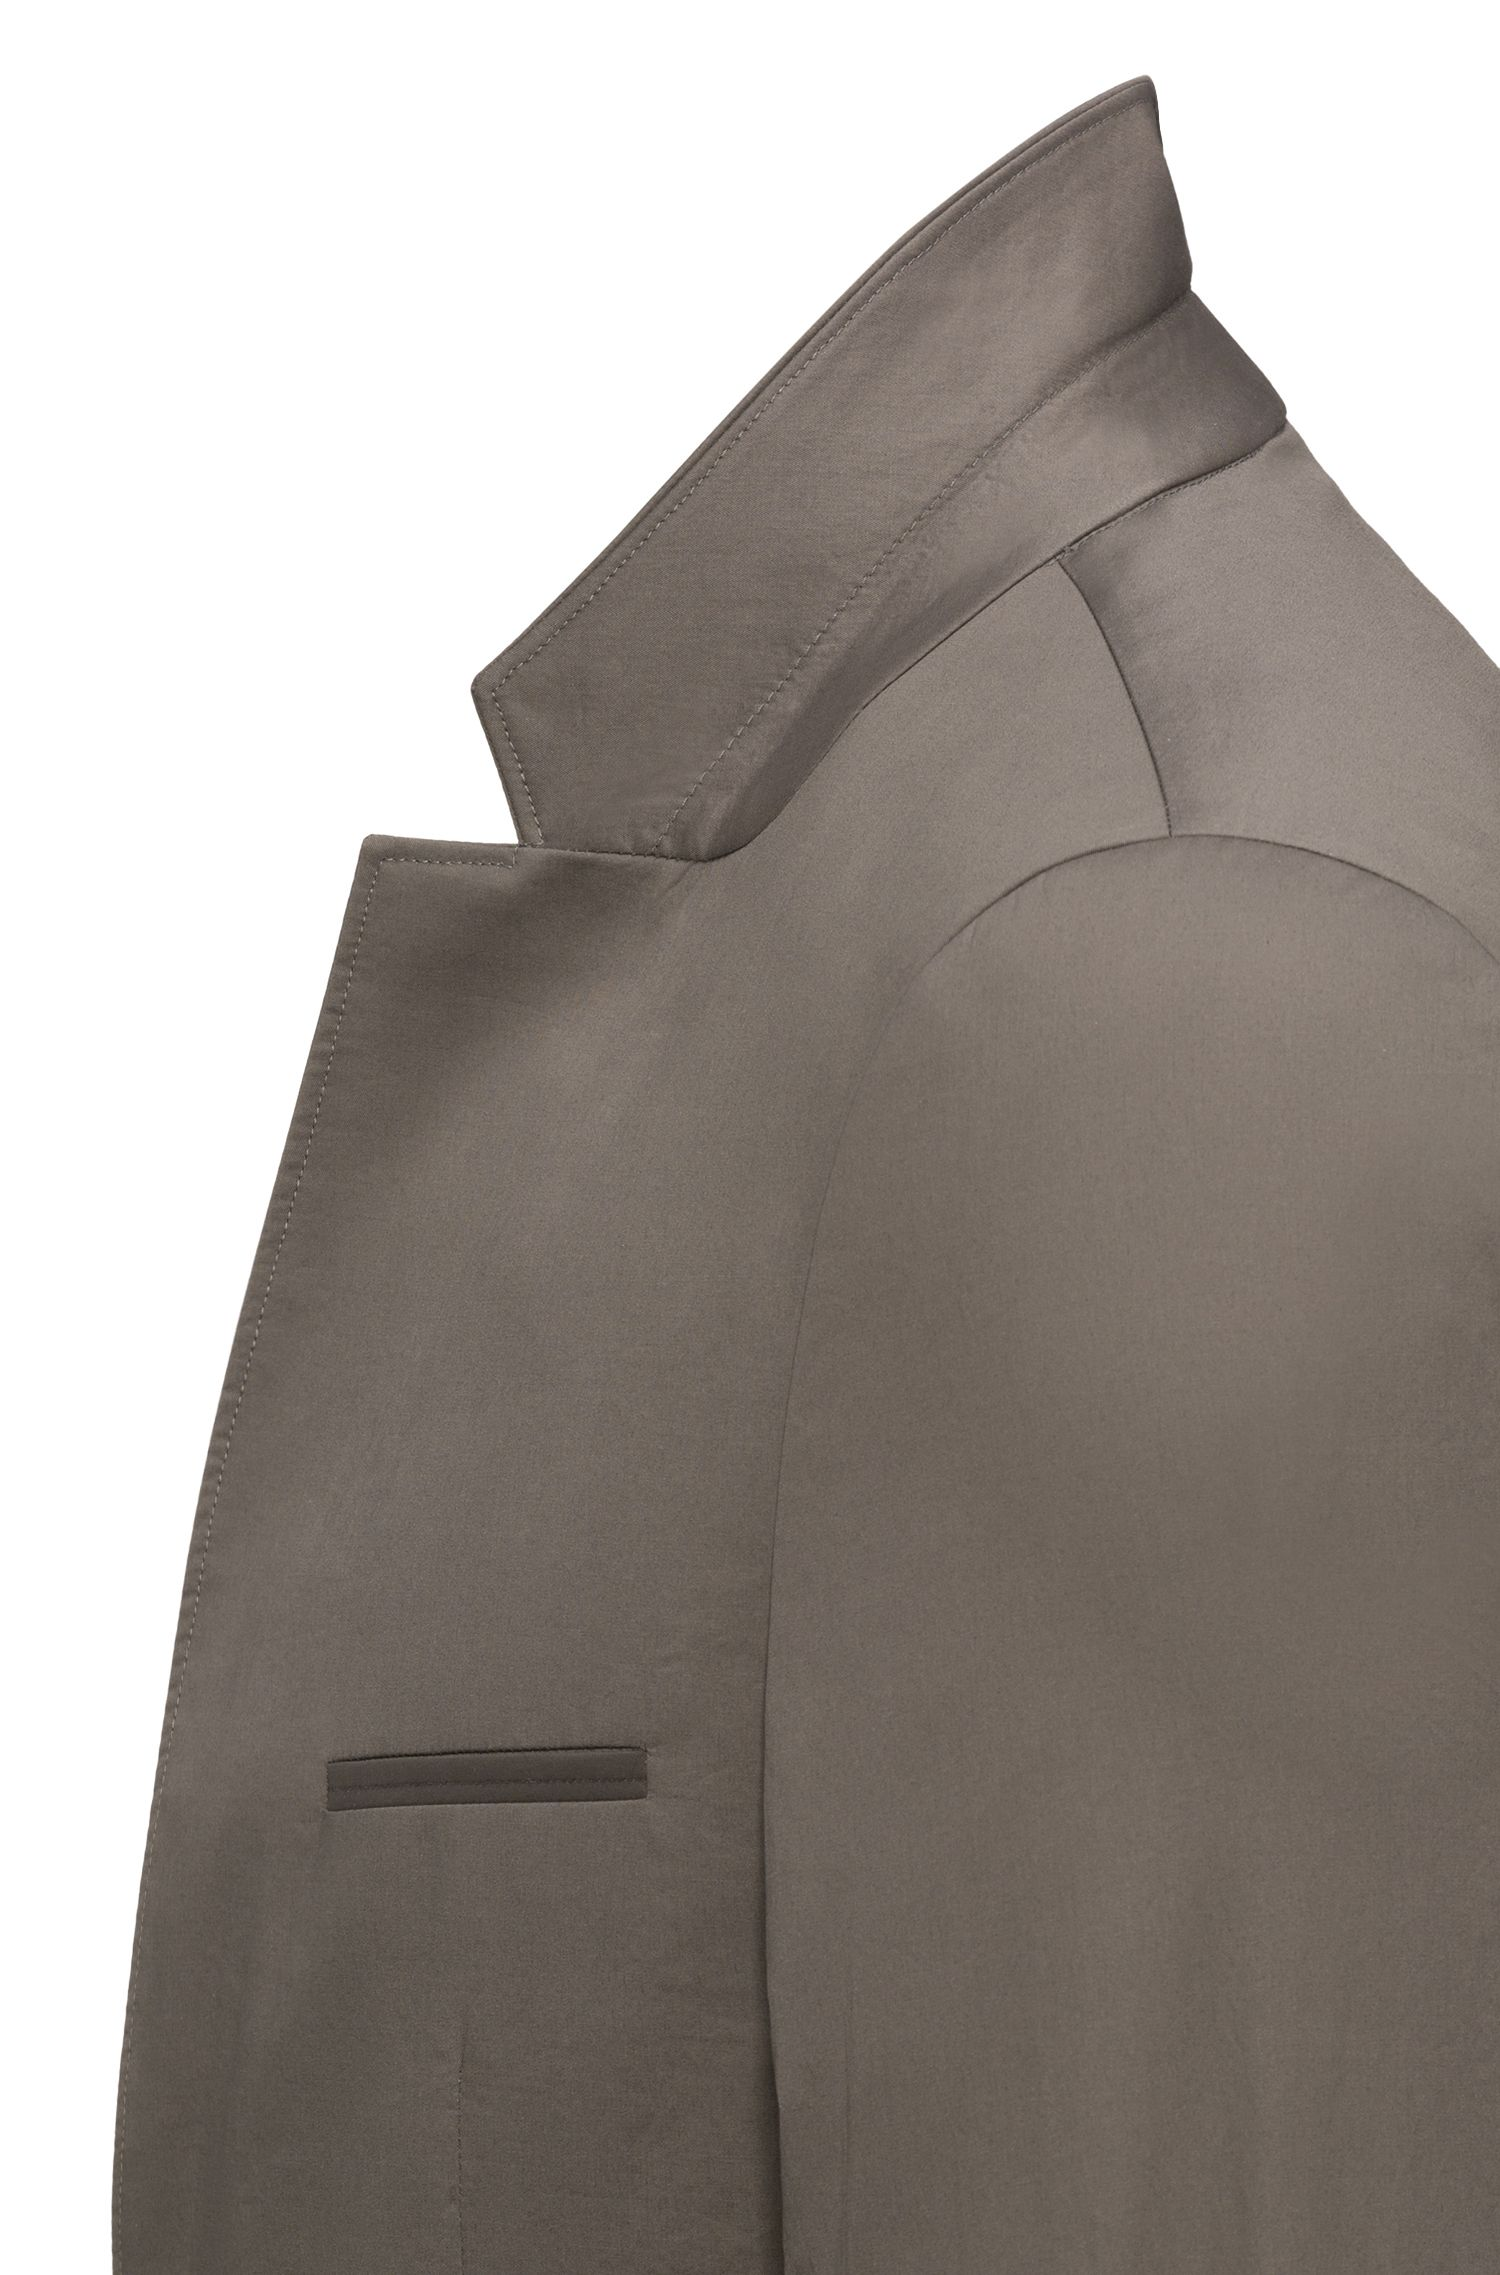 Giacca extra slim fit senza fodera interna in cotone elasticizzato